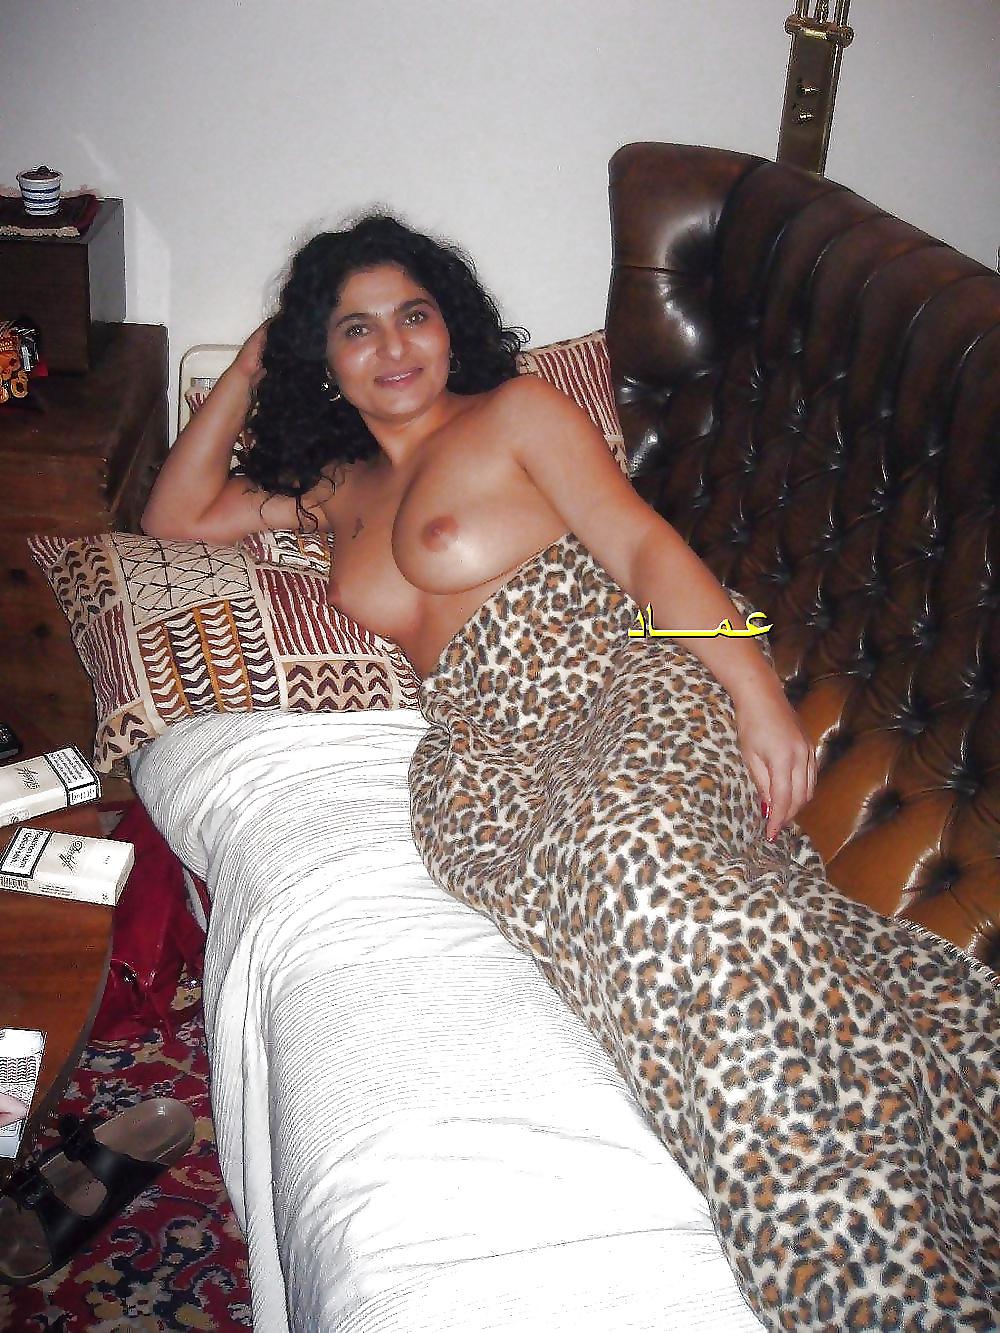 Fleur busty french arab amaetur, chick gets cream pie in pussy